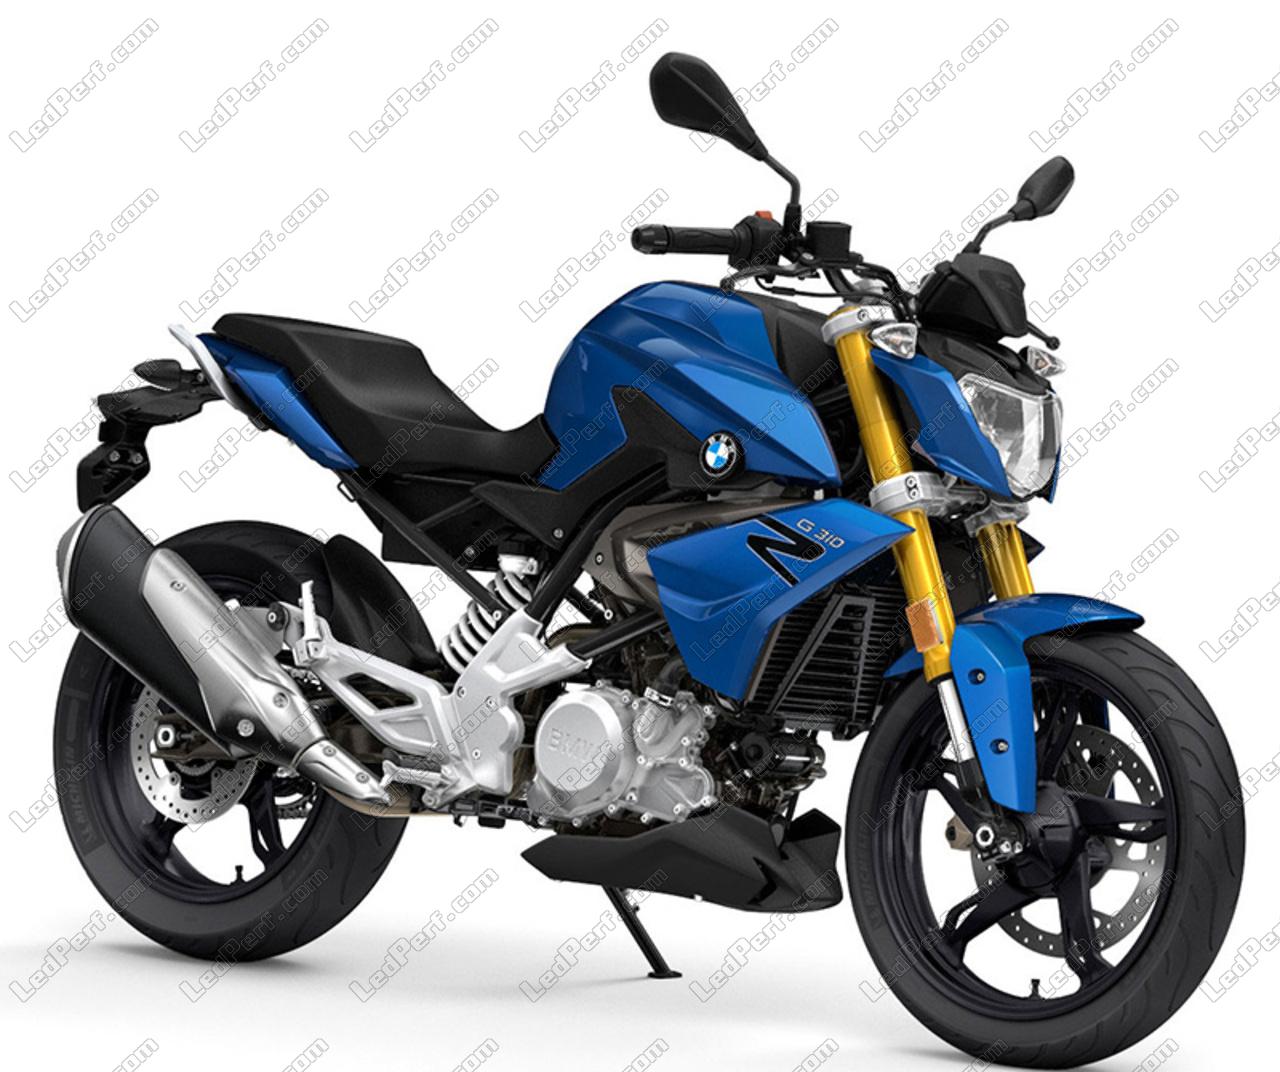 Sequentielle Dynamische Led Blinker Für Bmw Motorrad G 310 R